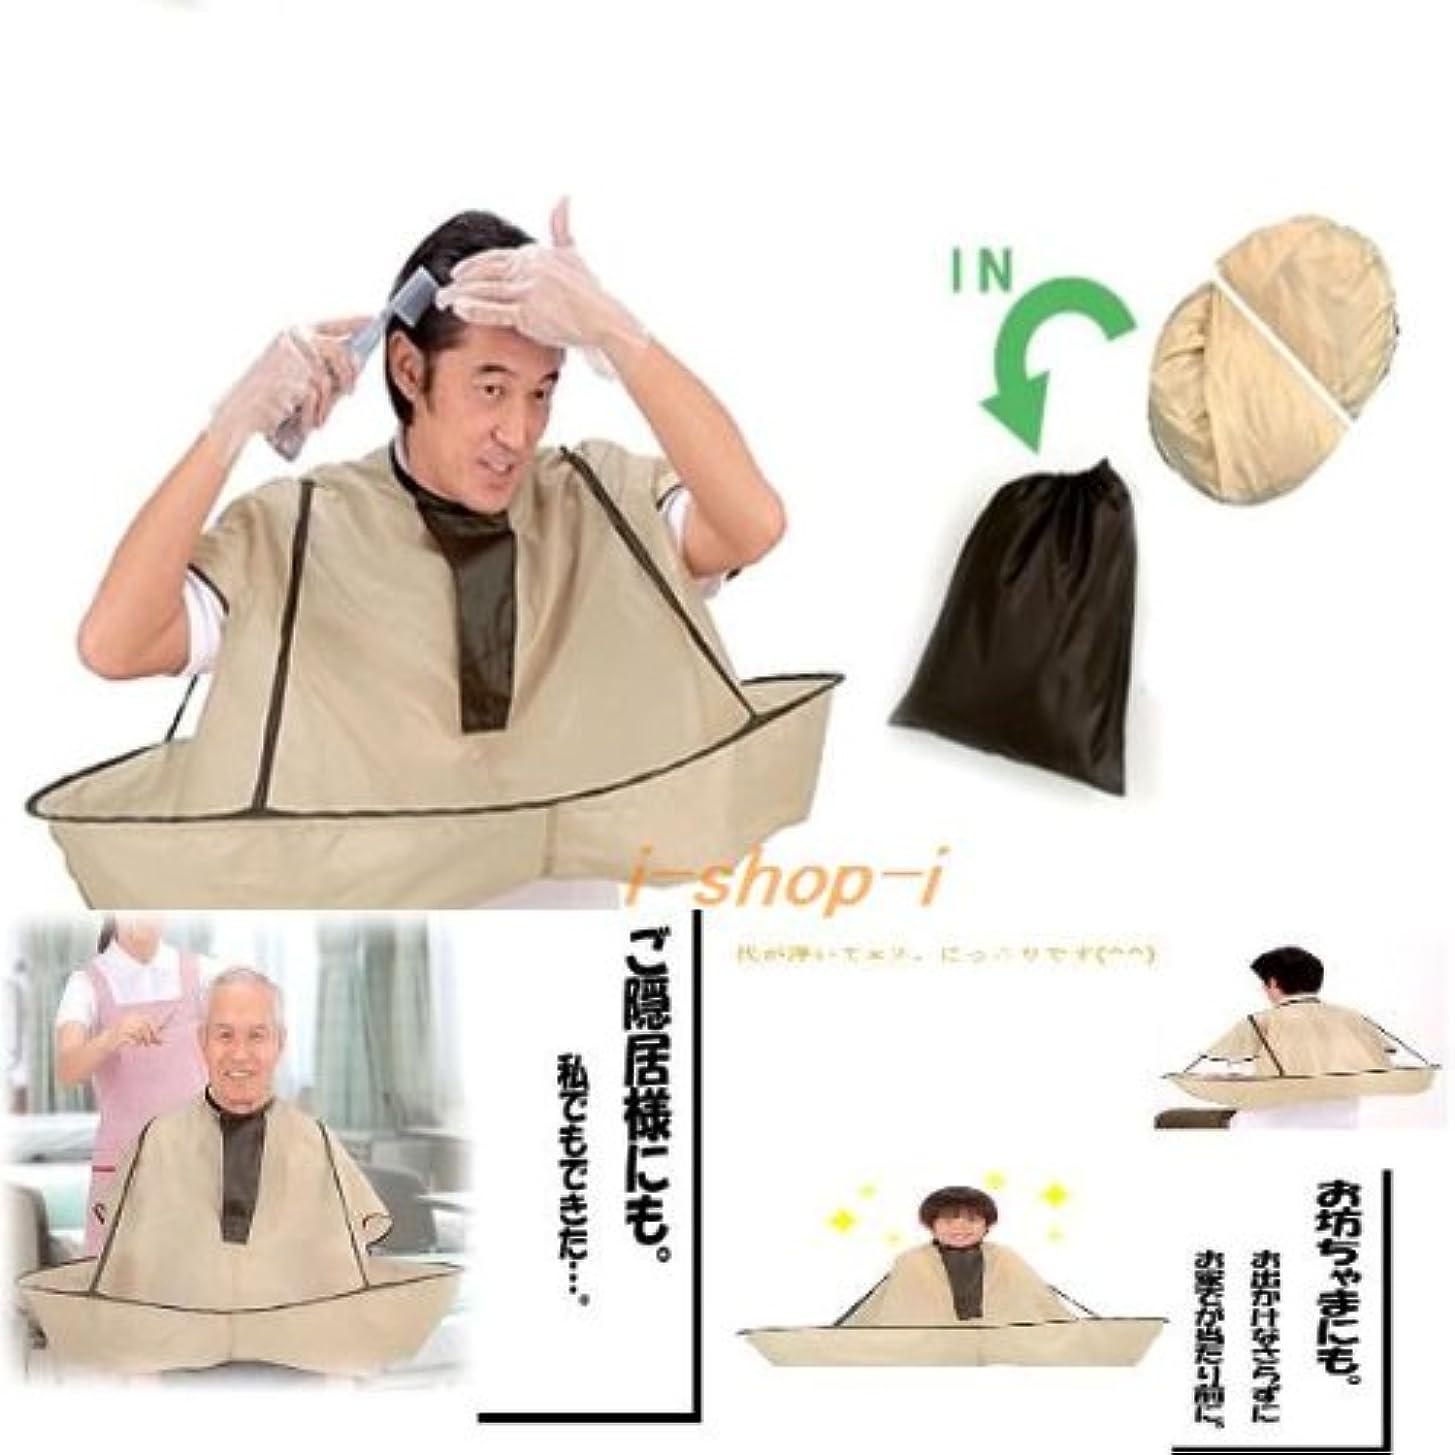 いつかキャストアプローチ散髪 毛染め 家族で使える ジャンボ散髪マント ヘアカラー 毛染めケープ カット セルフ